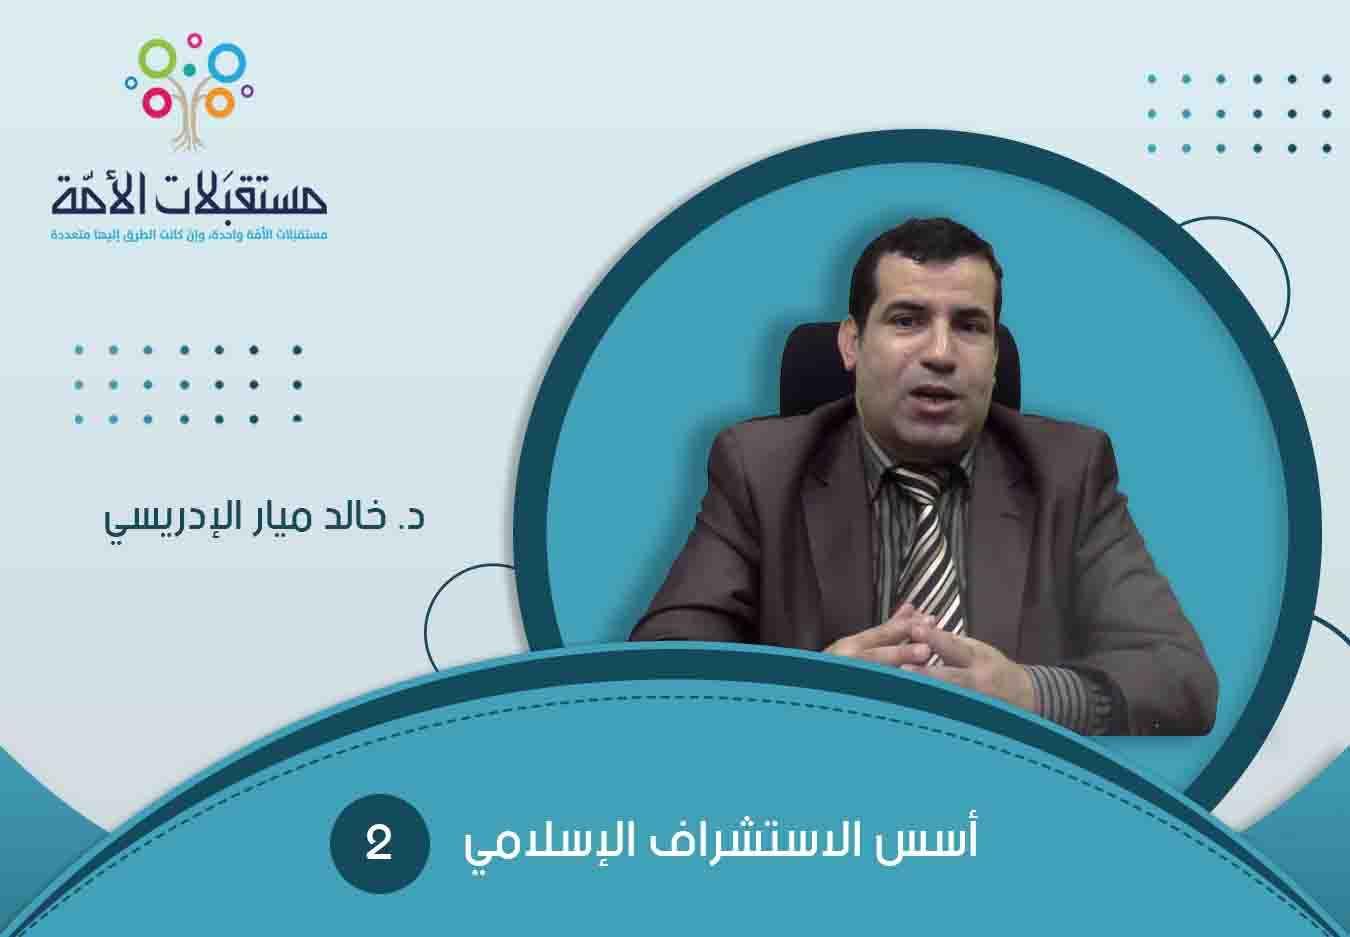 أسس الاستشراف الإسلامي (2) | د. خالد ميار الإدريسي